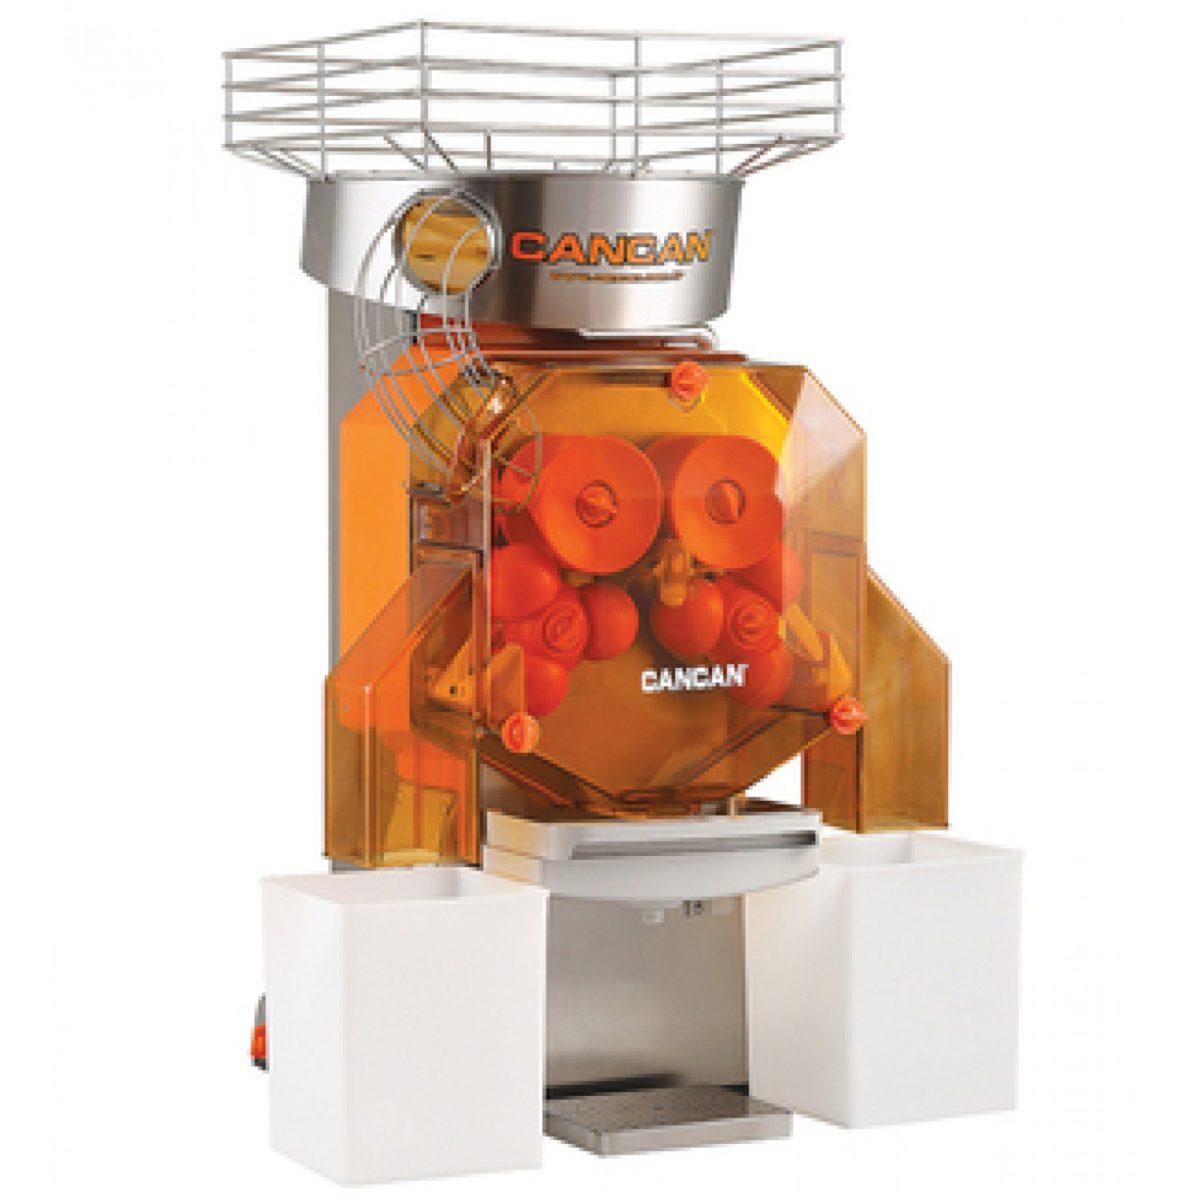 Vindem online storcatorul automat de citrice Cancan 38